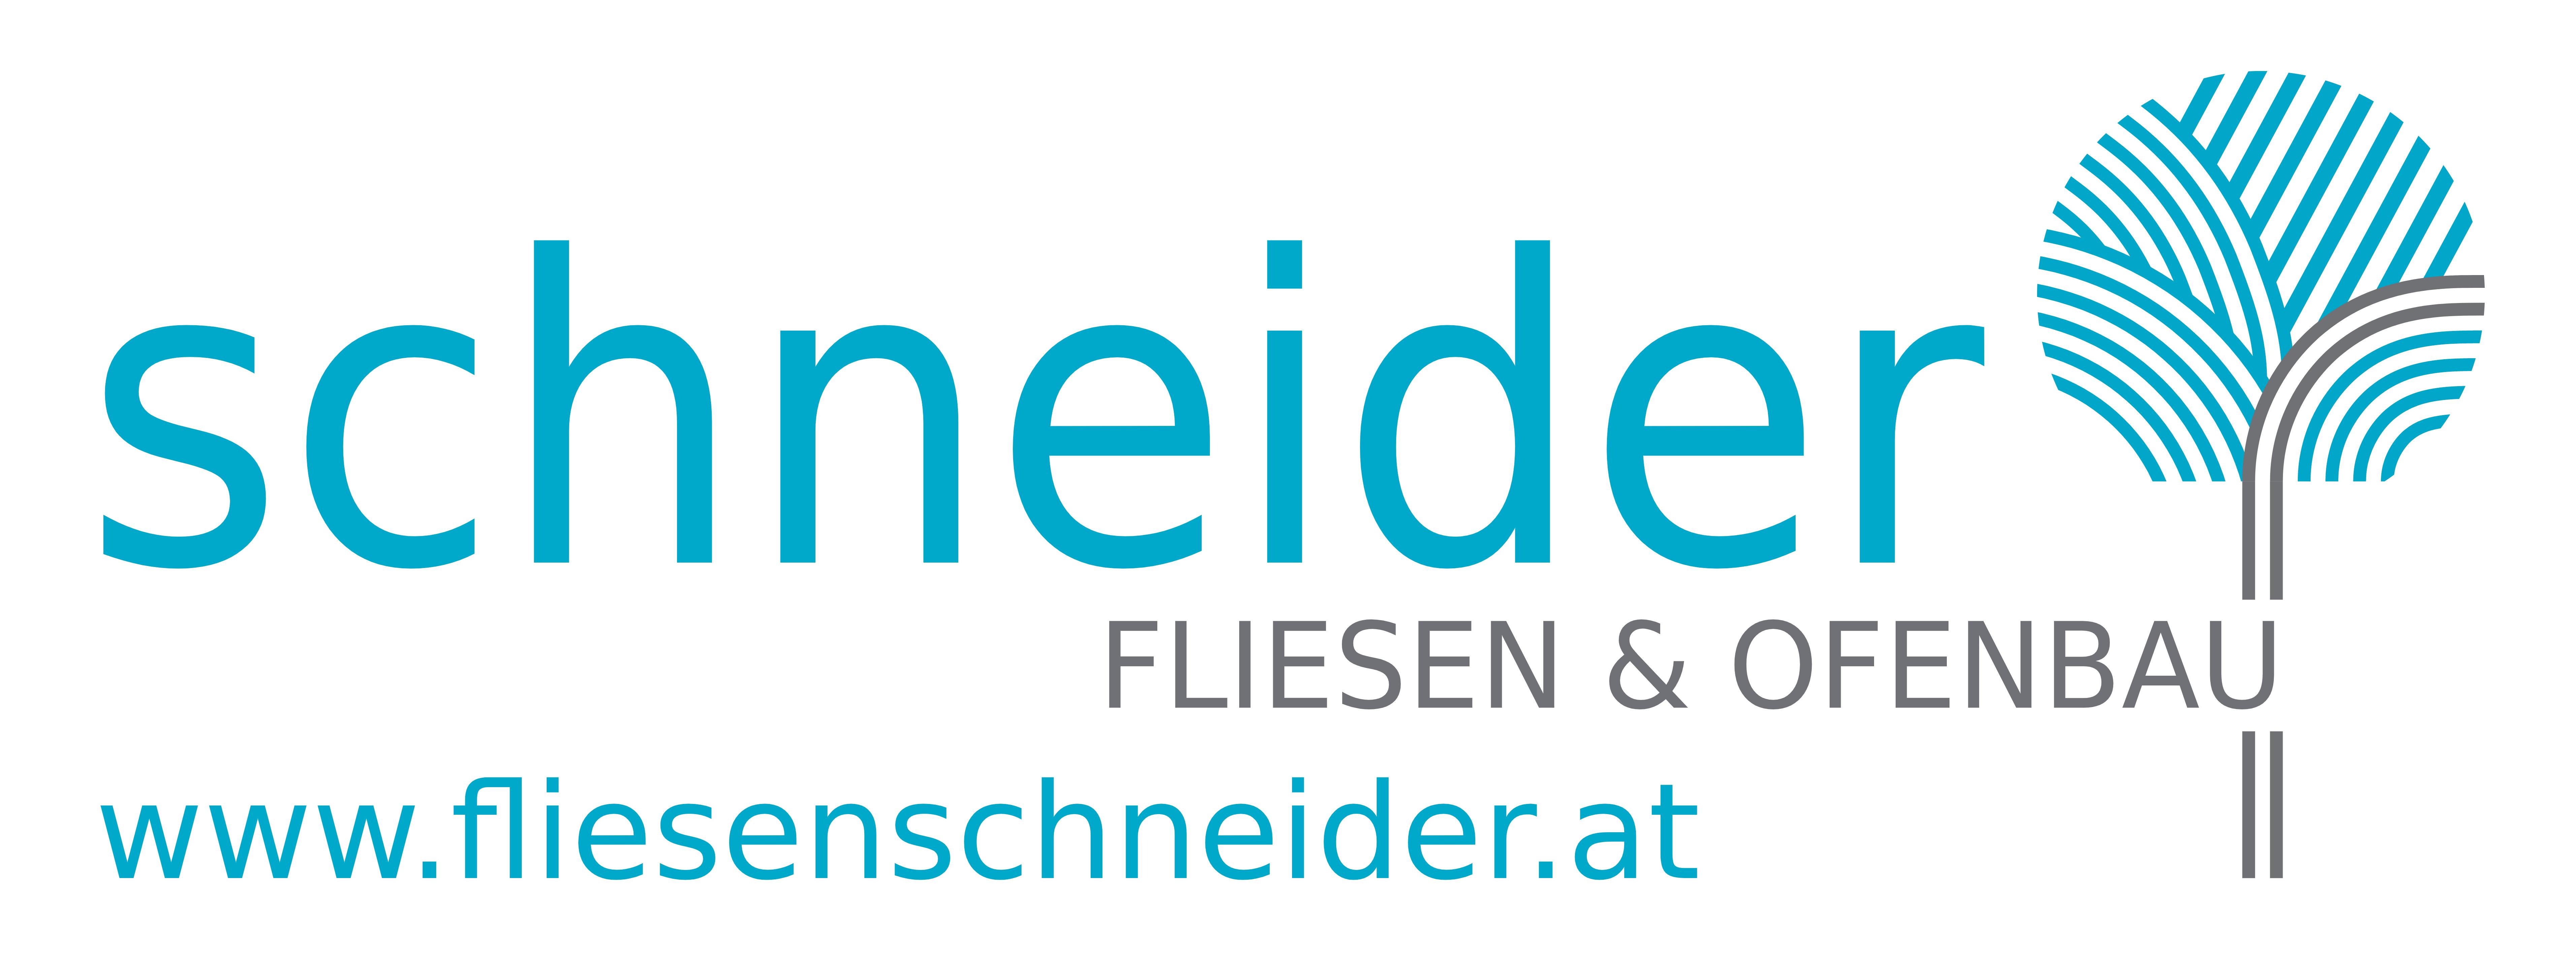 Fliesen & Ofenbau Schneider GmbH